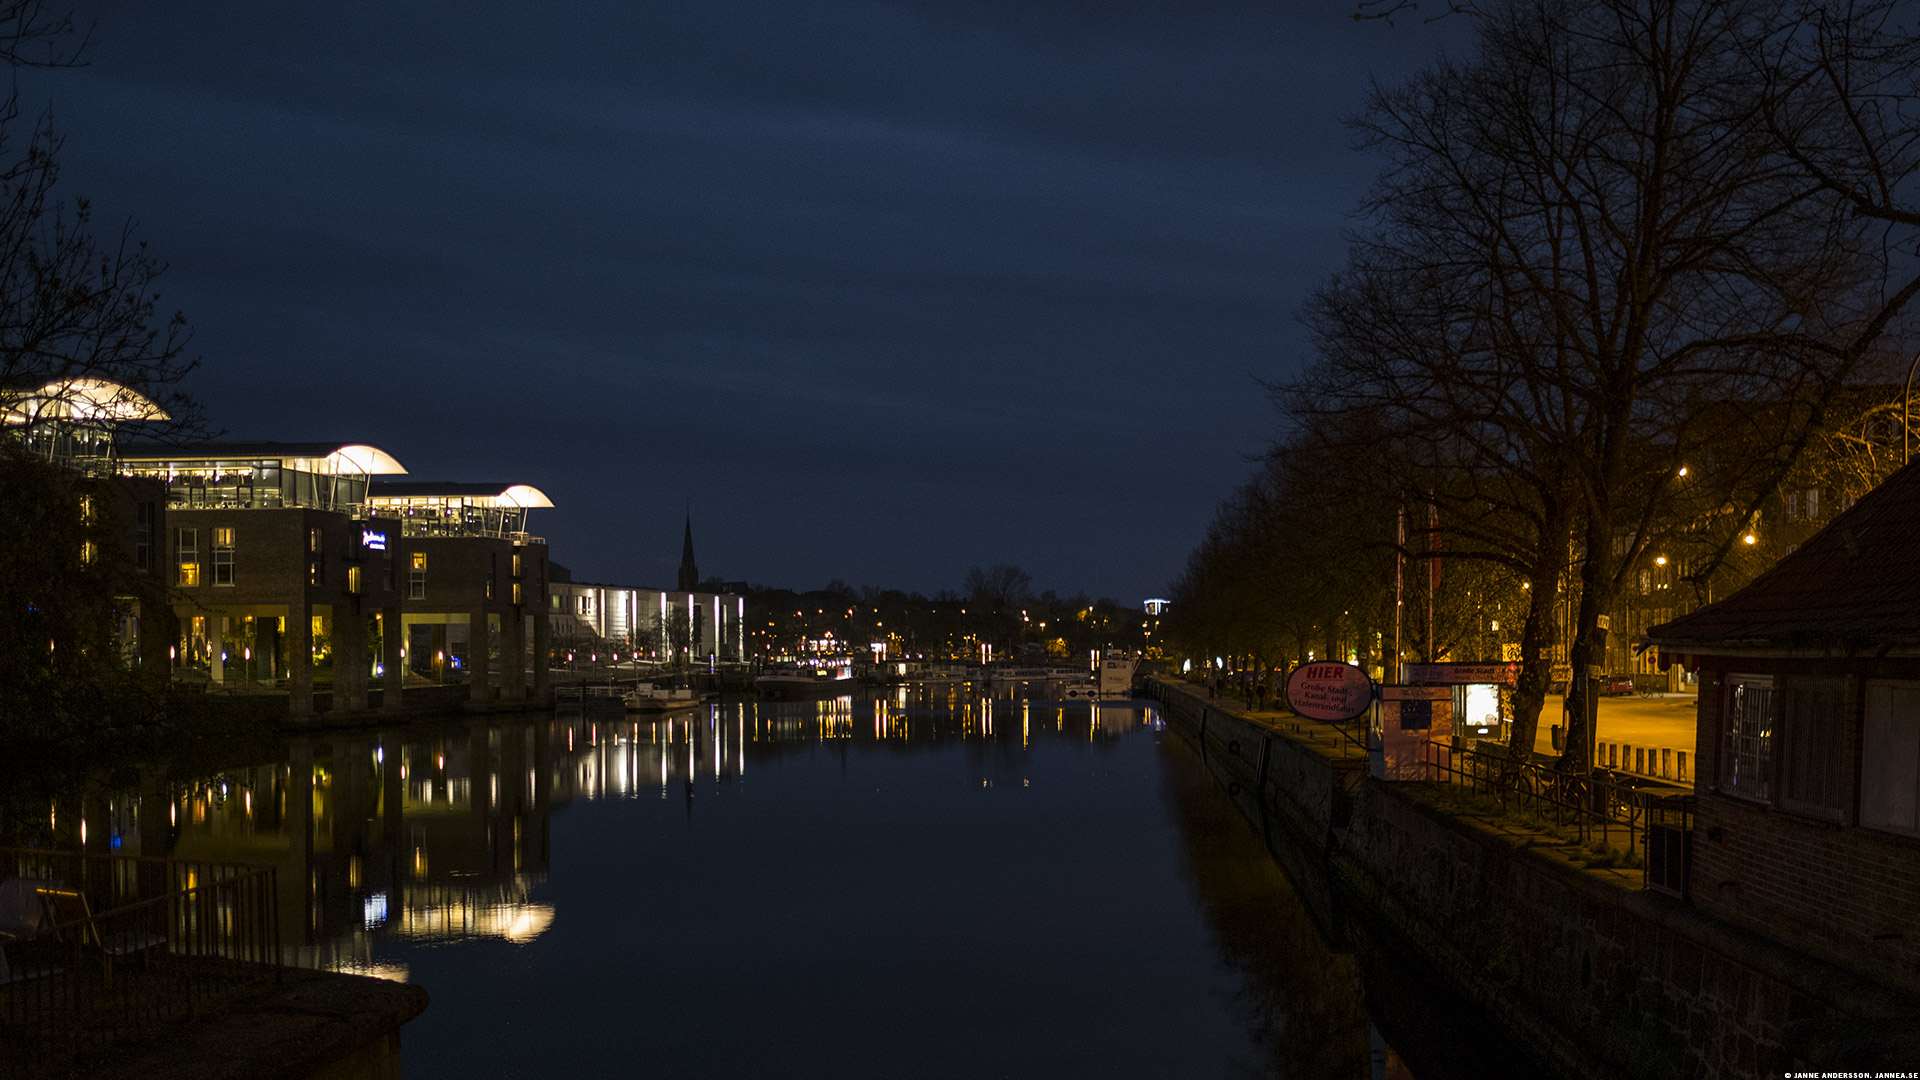 Utsikt över floden/kanalen Trave, Lübeck|©Janne A